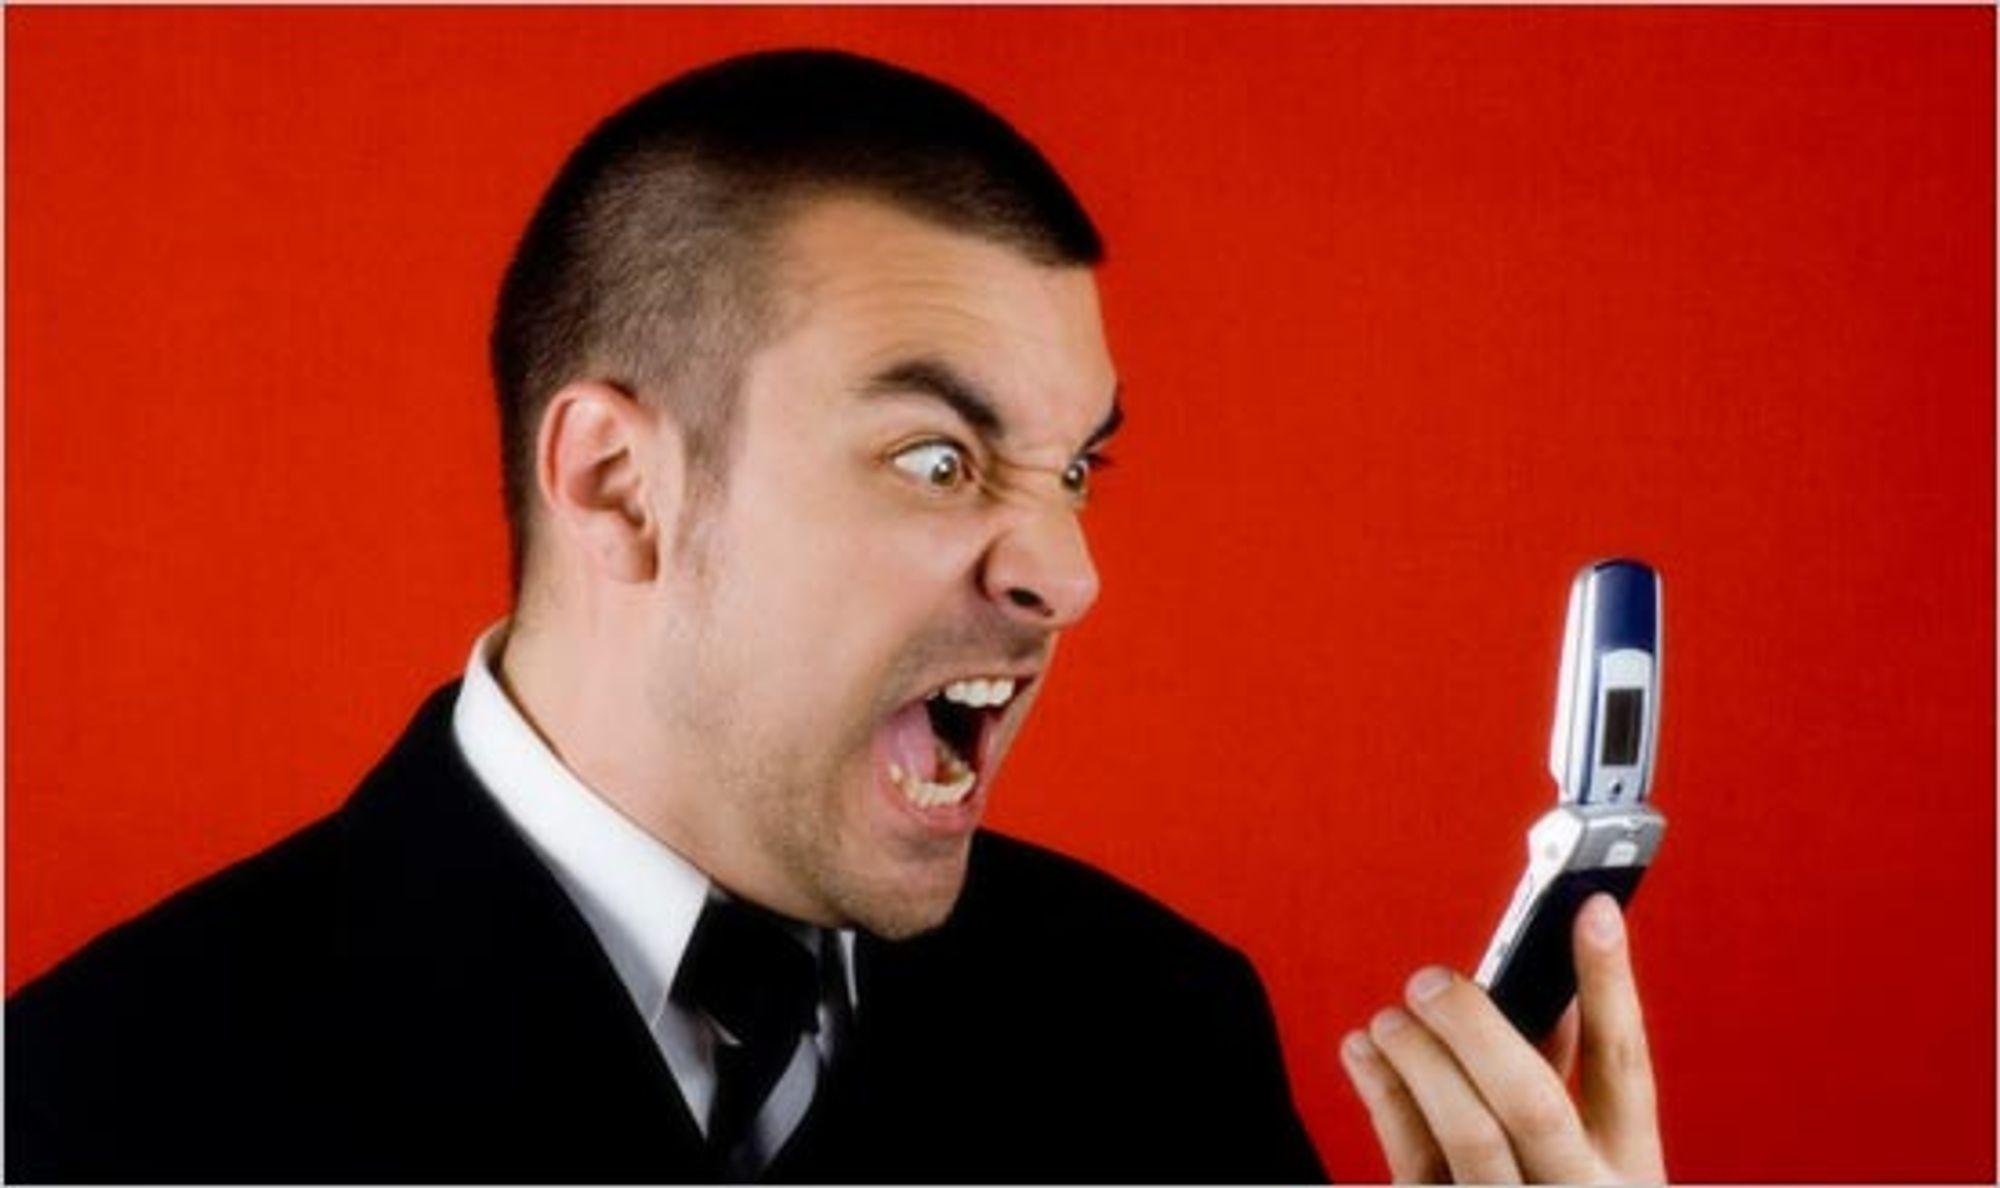 Indiske mobiloperatører erter på seg sine egne kunder